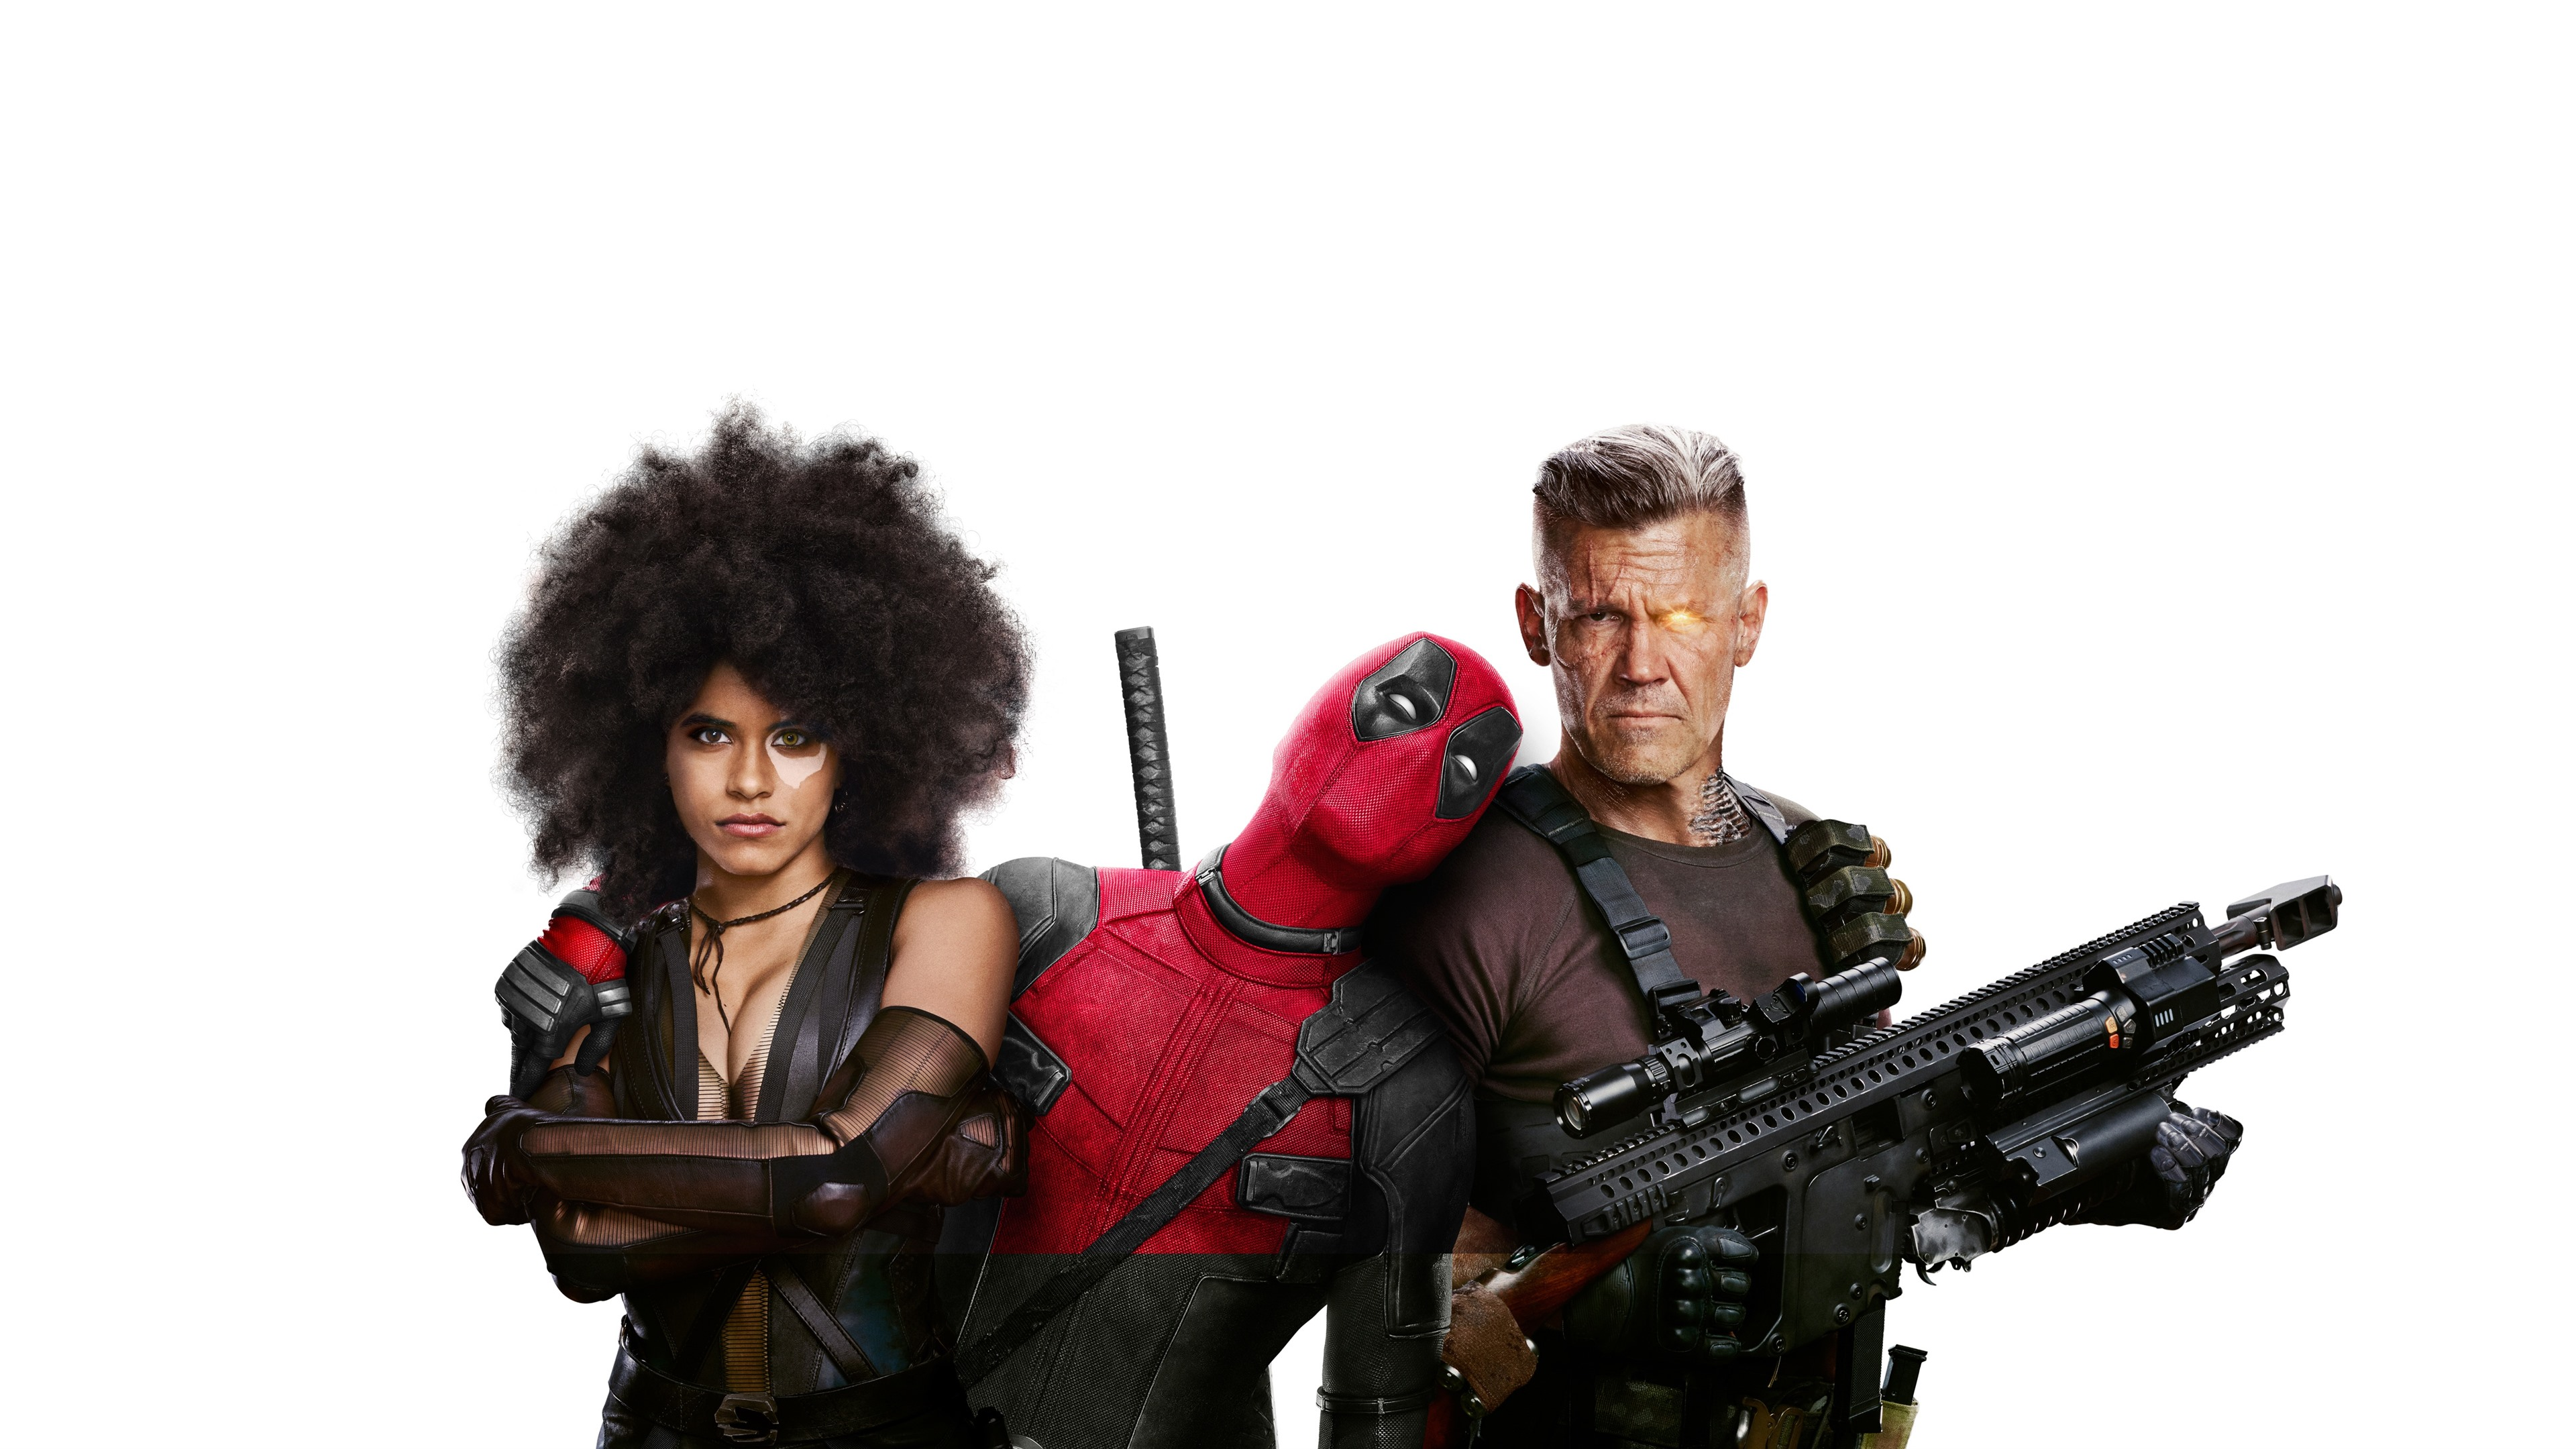 Get Deadpool 2 4K Wallpaper Pictures